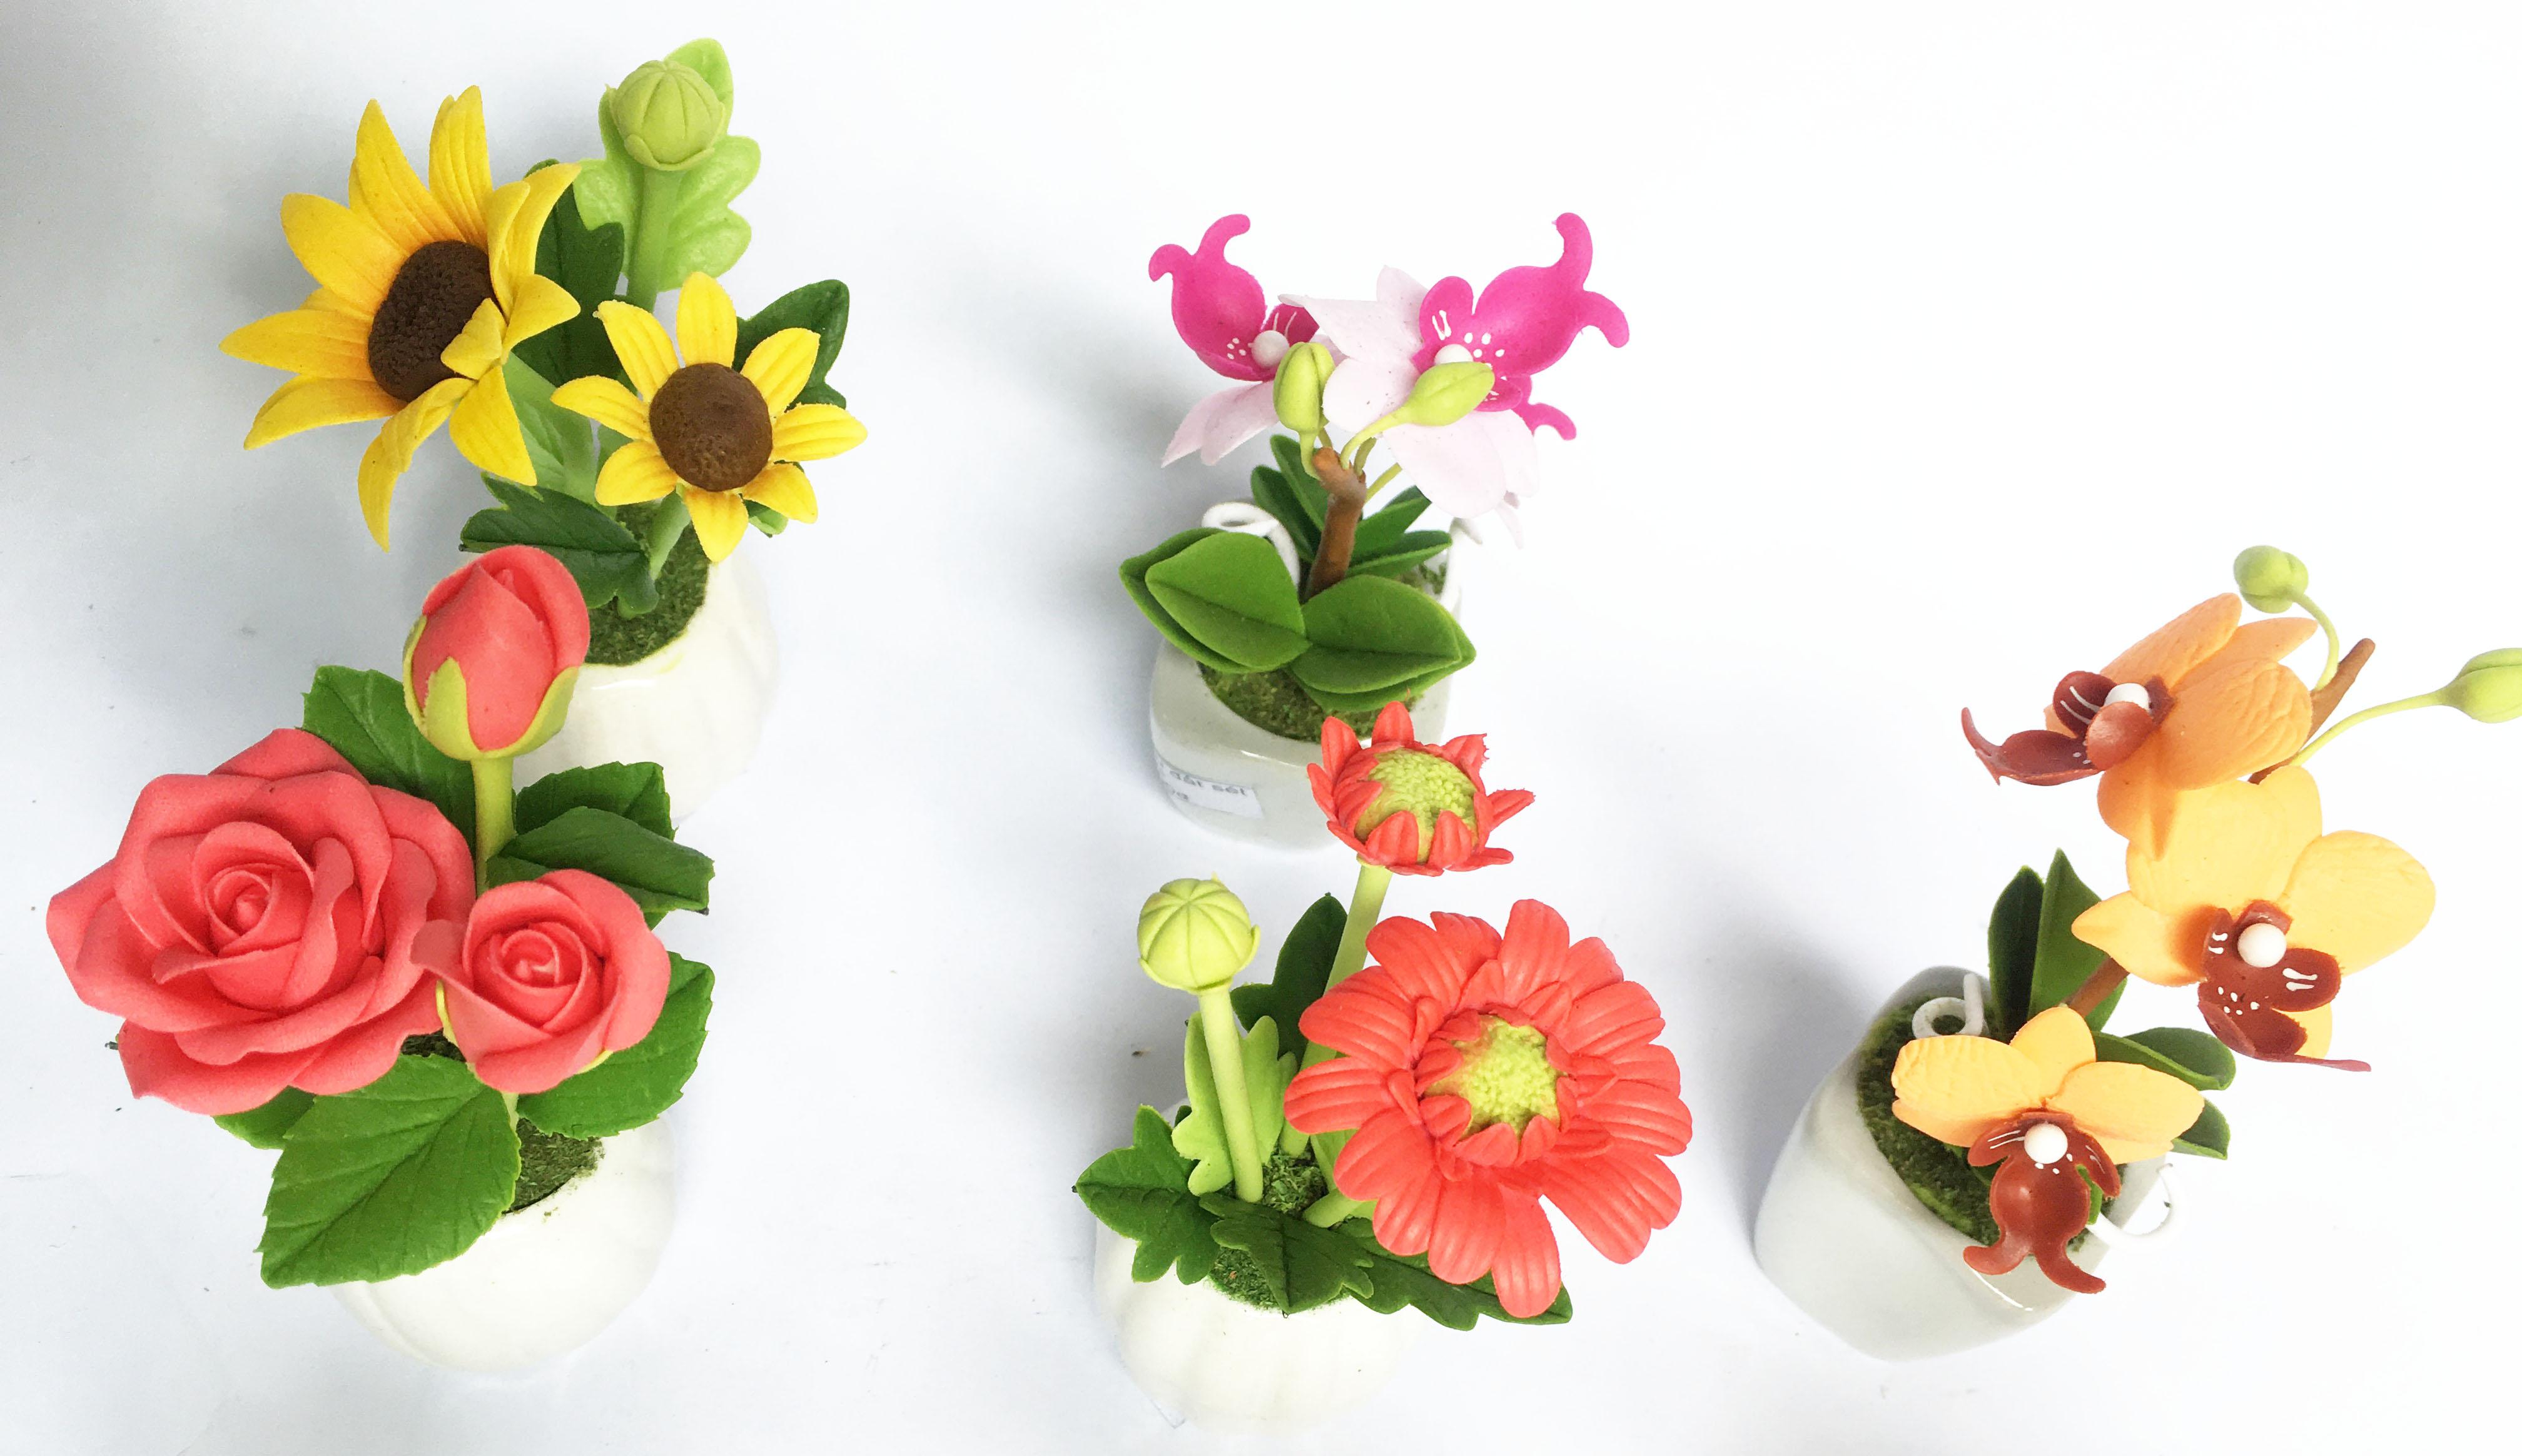 Kết quả hình ảnh cho hoa hồng đất sét